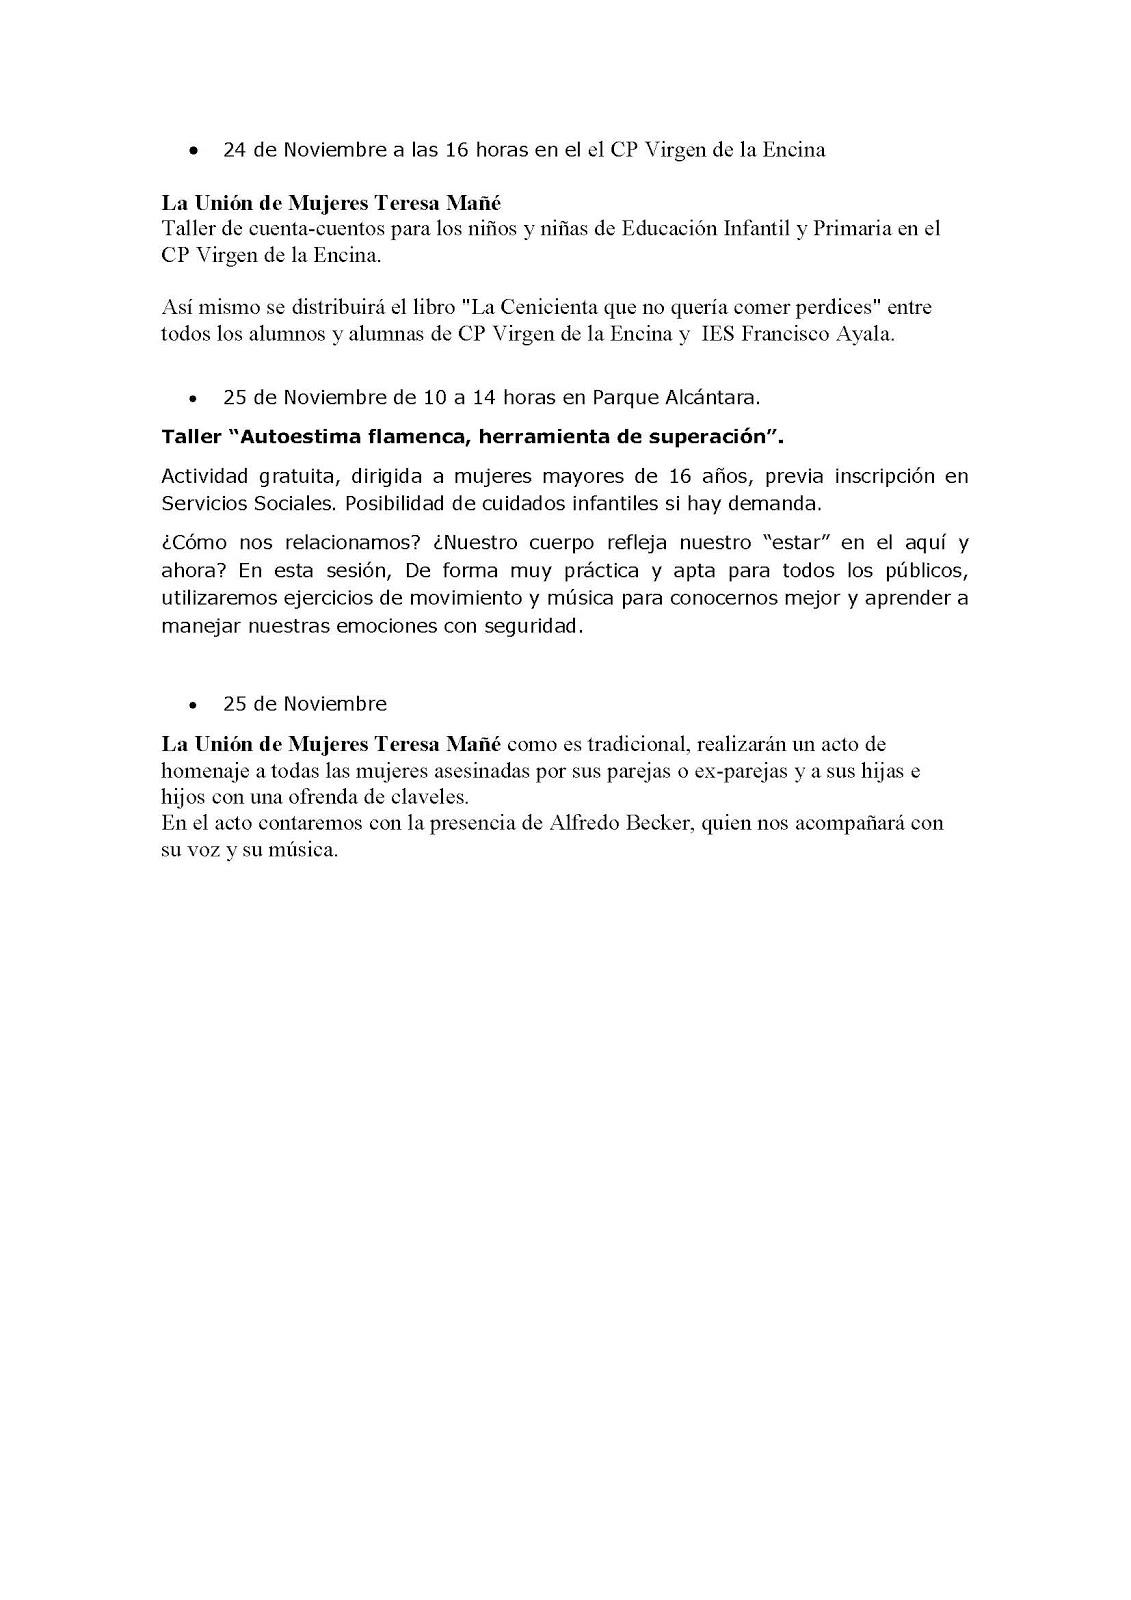 25 DE NOVIEMBRE DIA INTERNACIONAL CONTRA LA VIOLENCIA MACHISTA